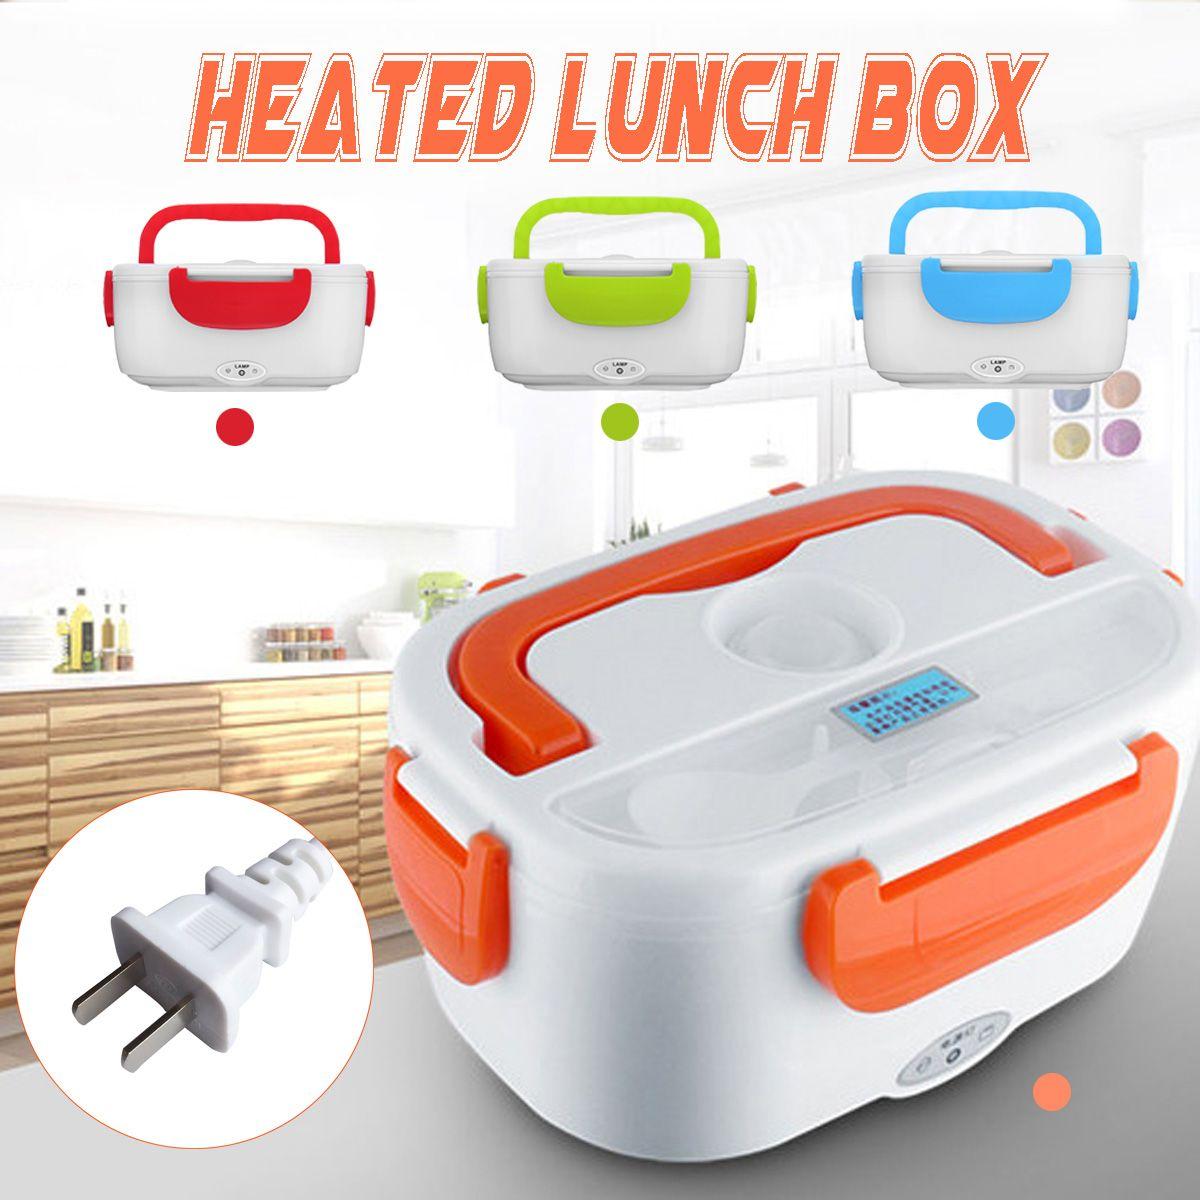 Boîte À Lunch de Chauffage électrique 110 V Portable Multi-Fonctionnelle de Qualité Alimentaire Contenant Alimentaire Réchaud Camping Voyager Chauffe-